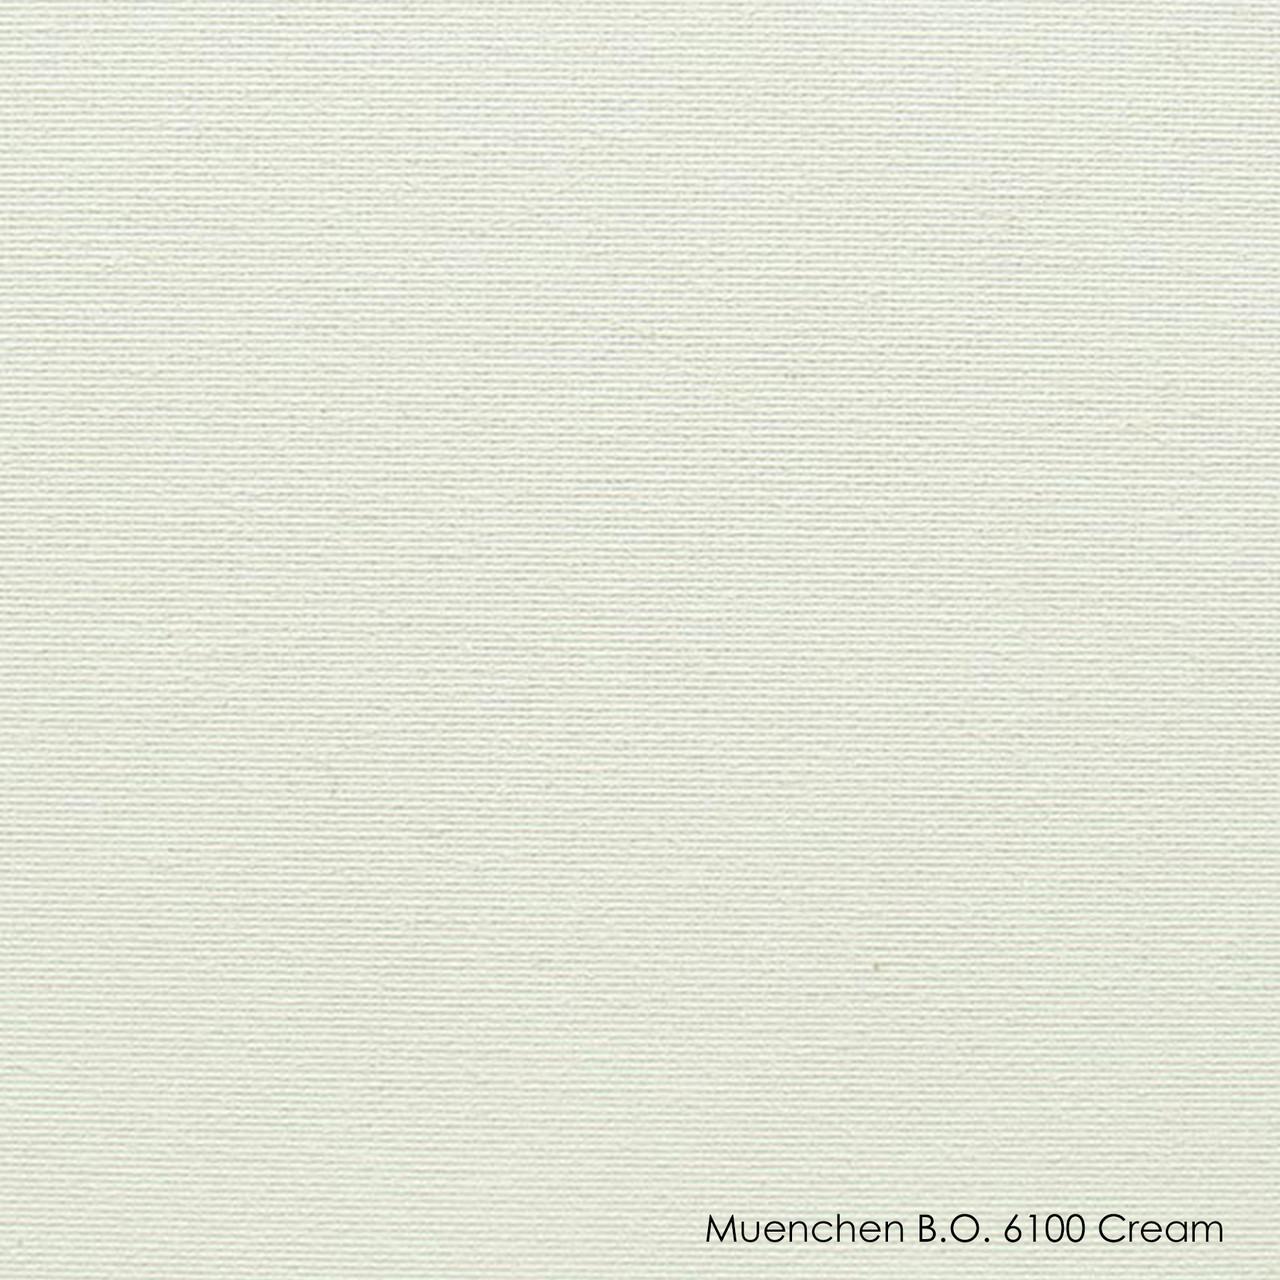 Ролеты Muenchen bo-6100 cream